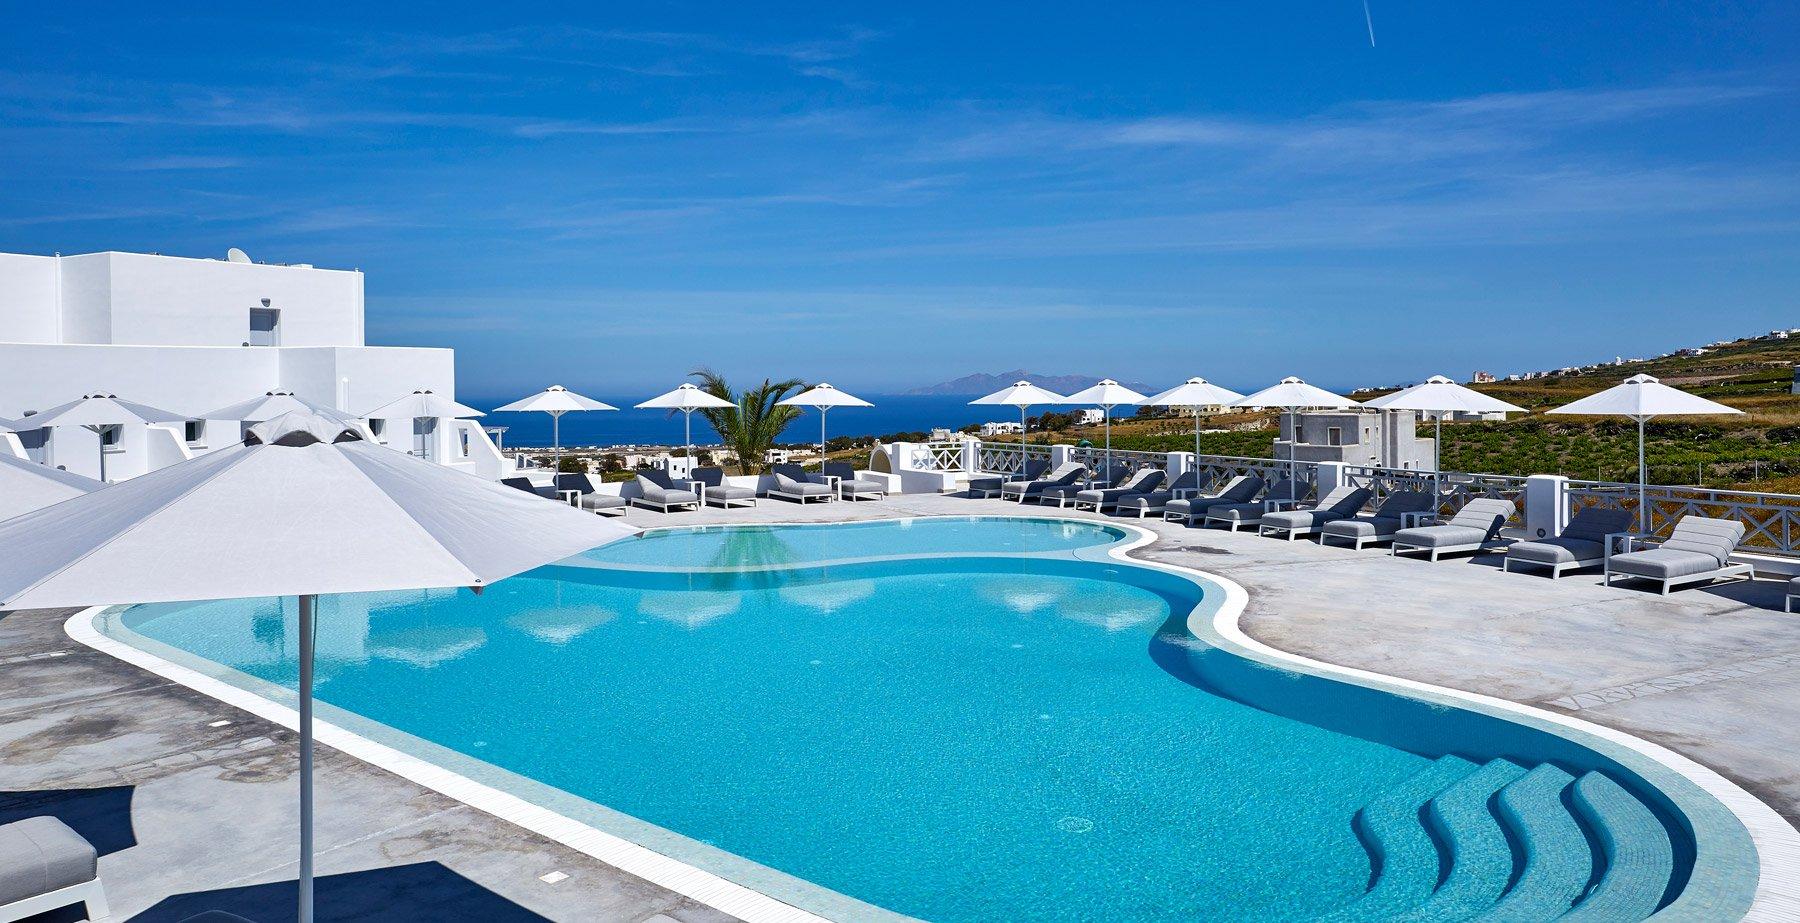 De Sol Pool and Bar